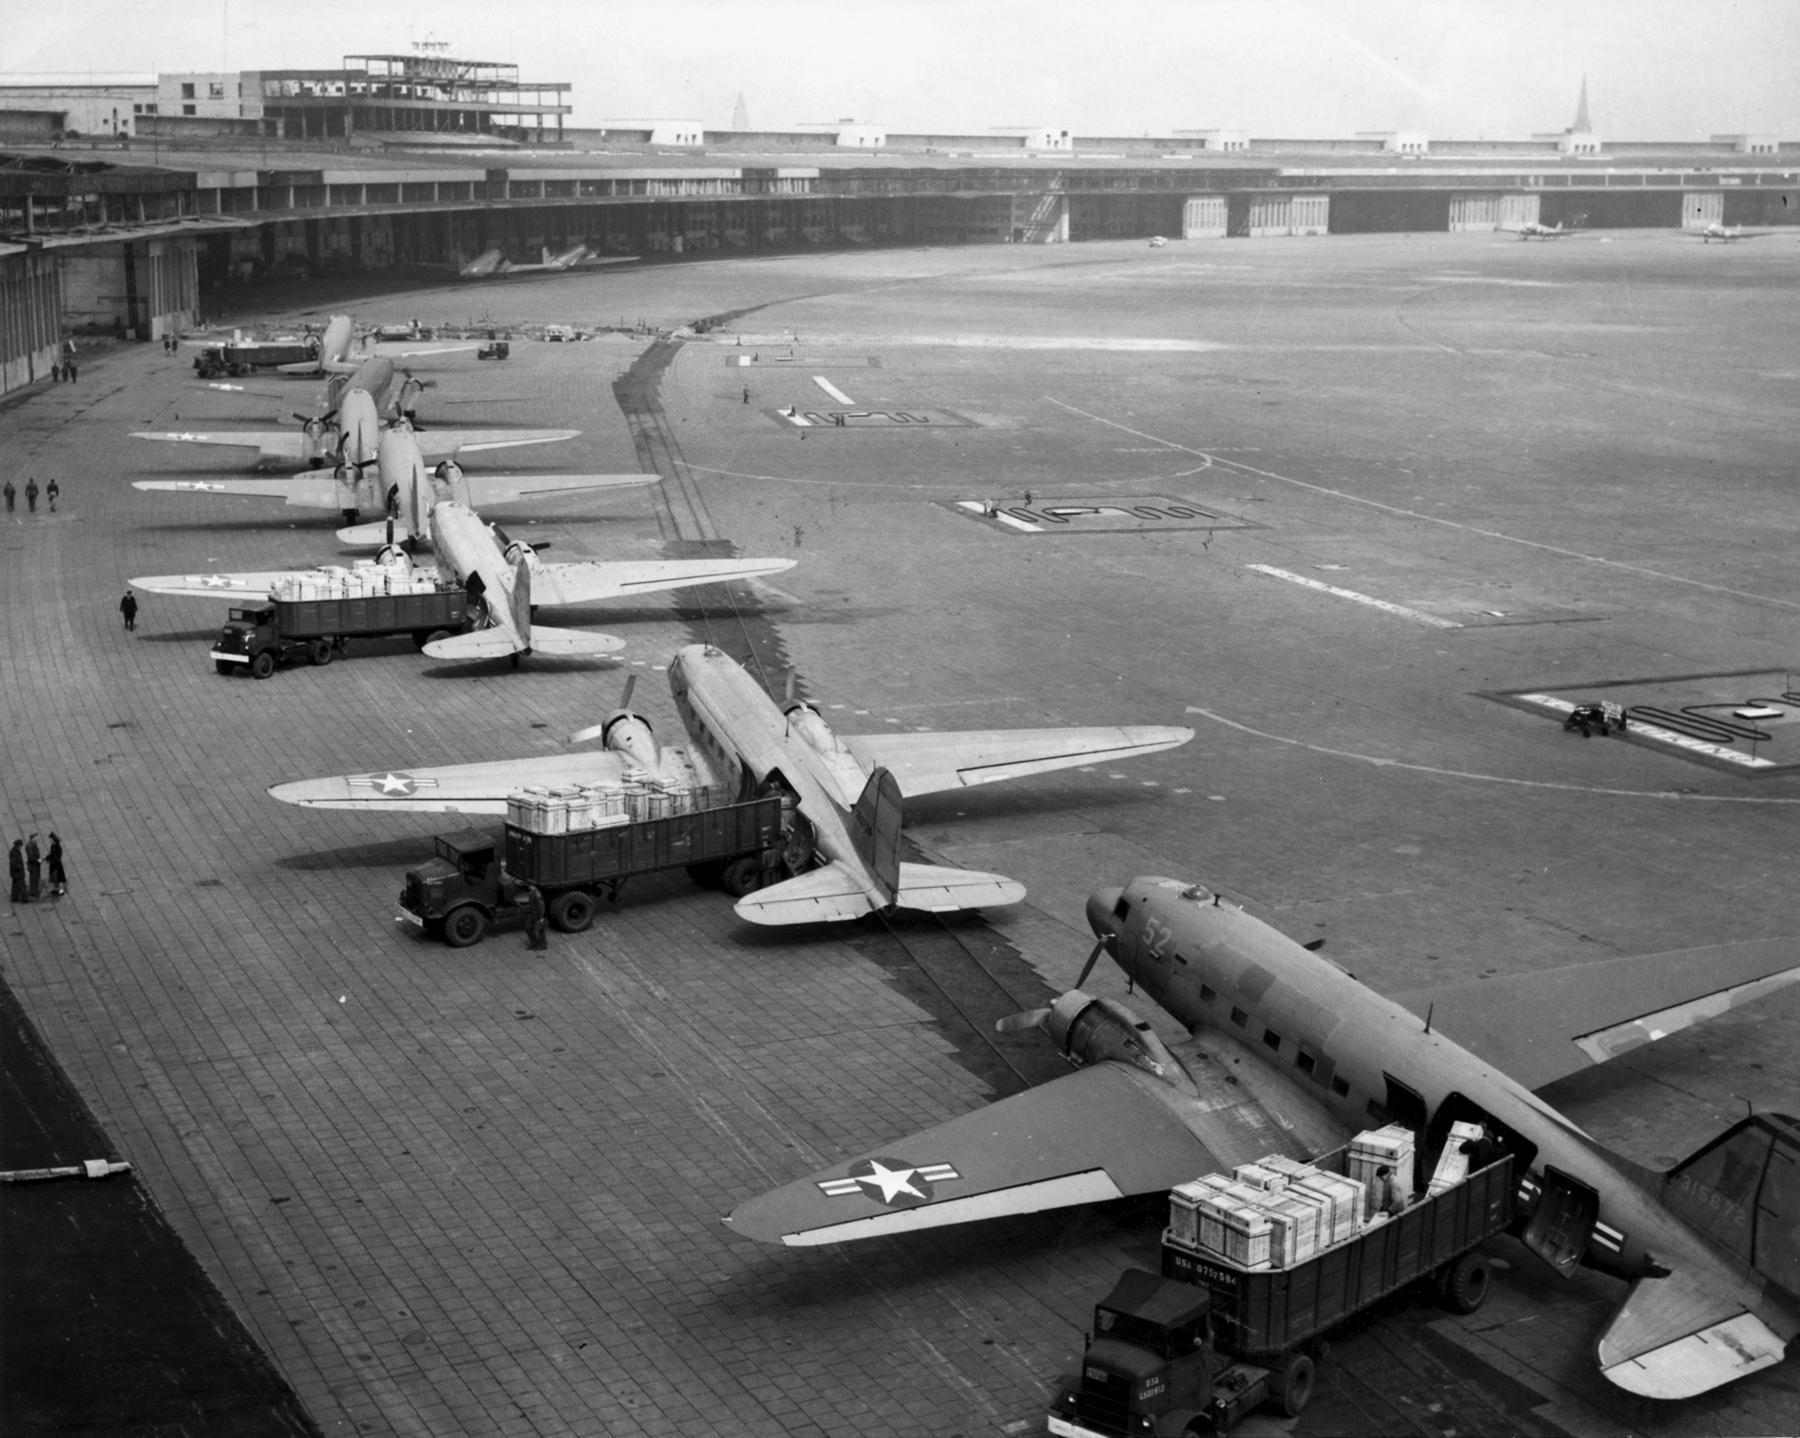 طائرات أمريكية من الجسر الجوي الذي أنشأته لفك الحصار عن برلين الغربية